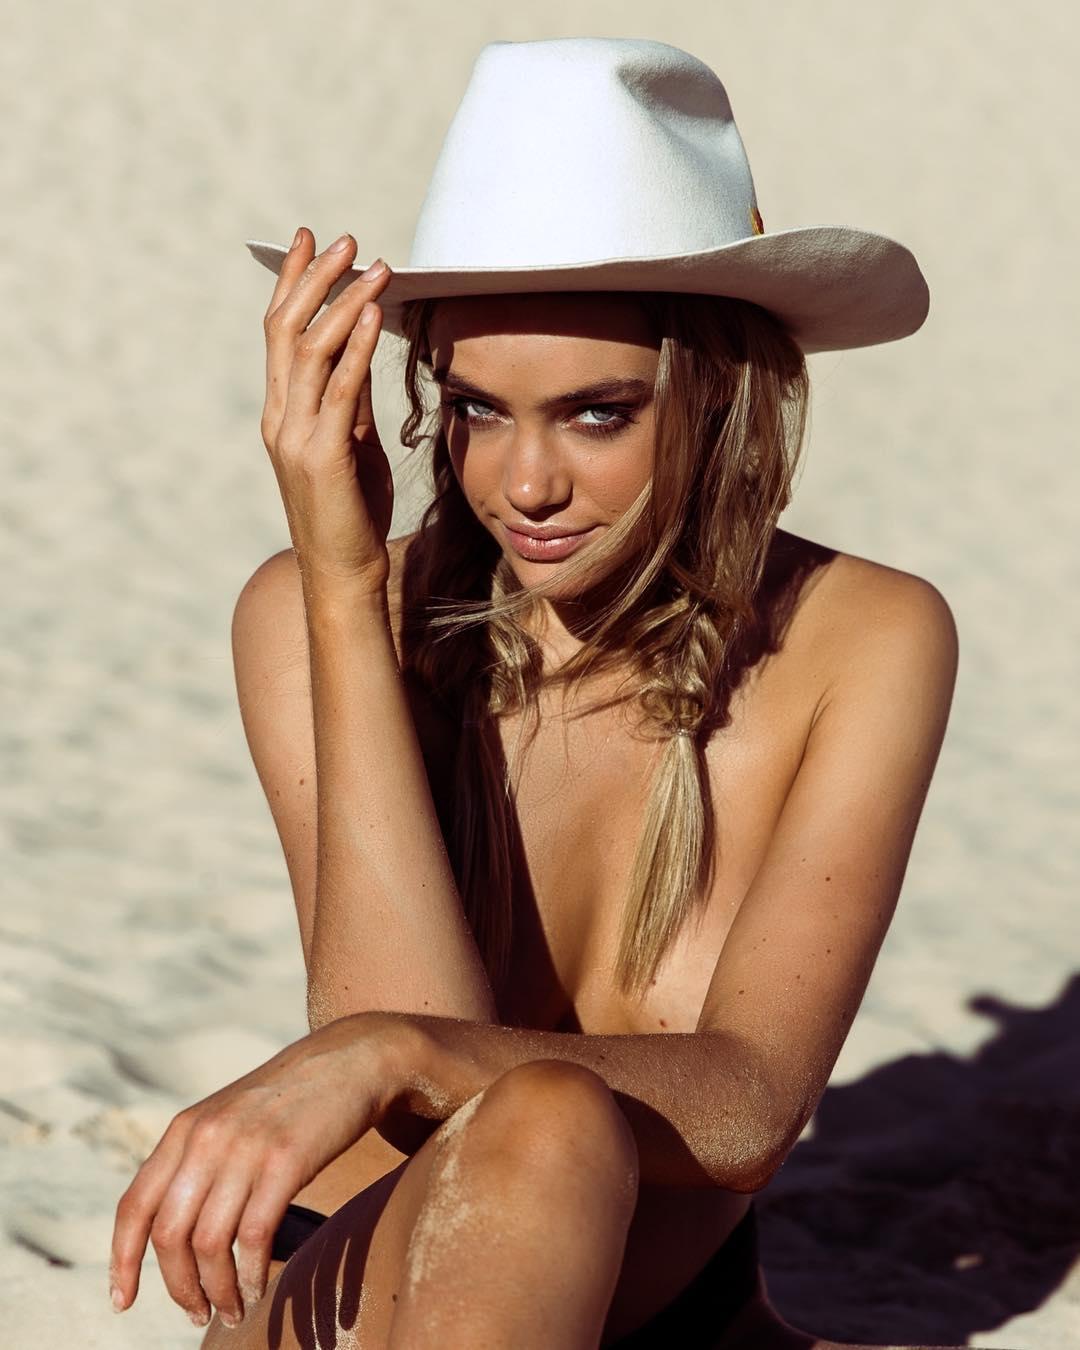 Красивые девушки на снимках Лейлы Джой